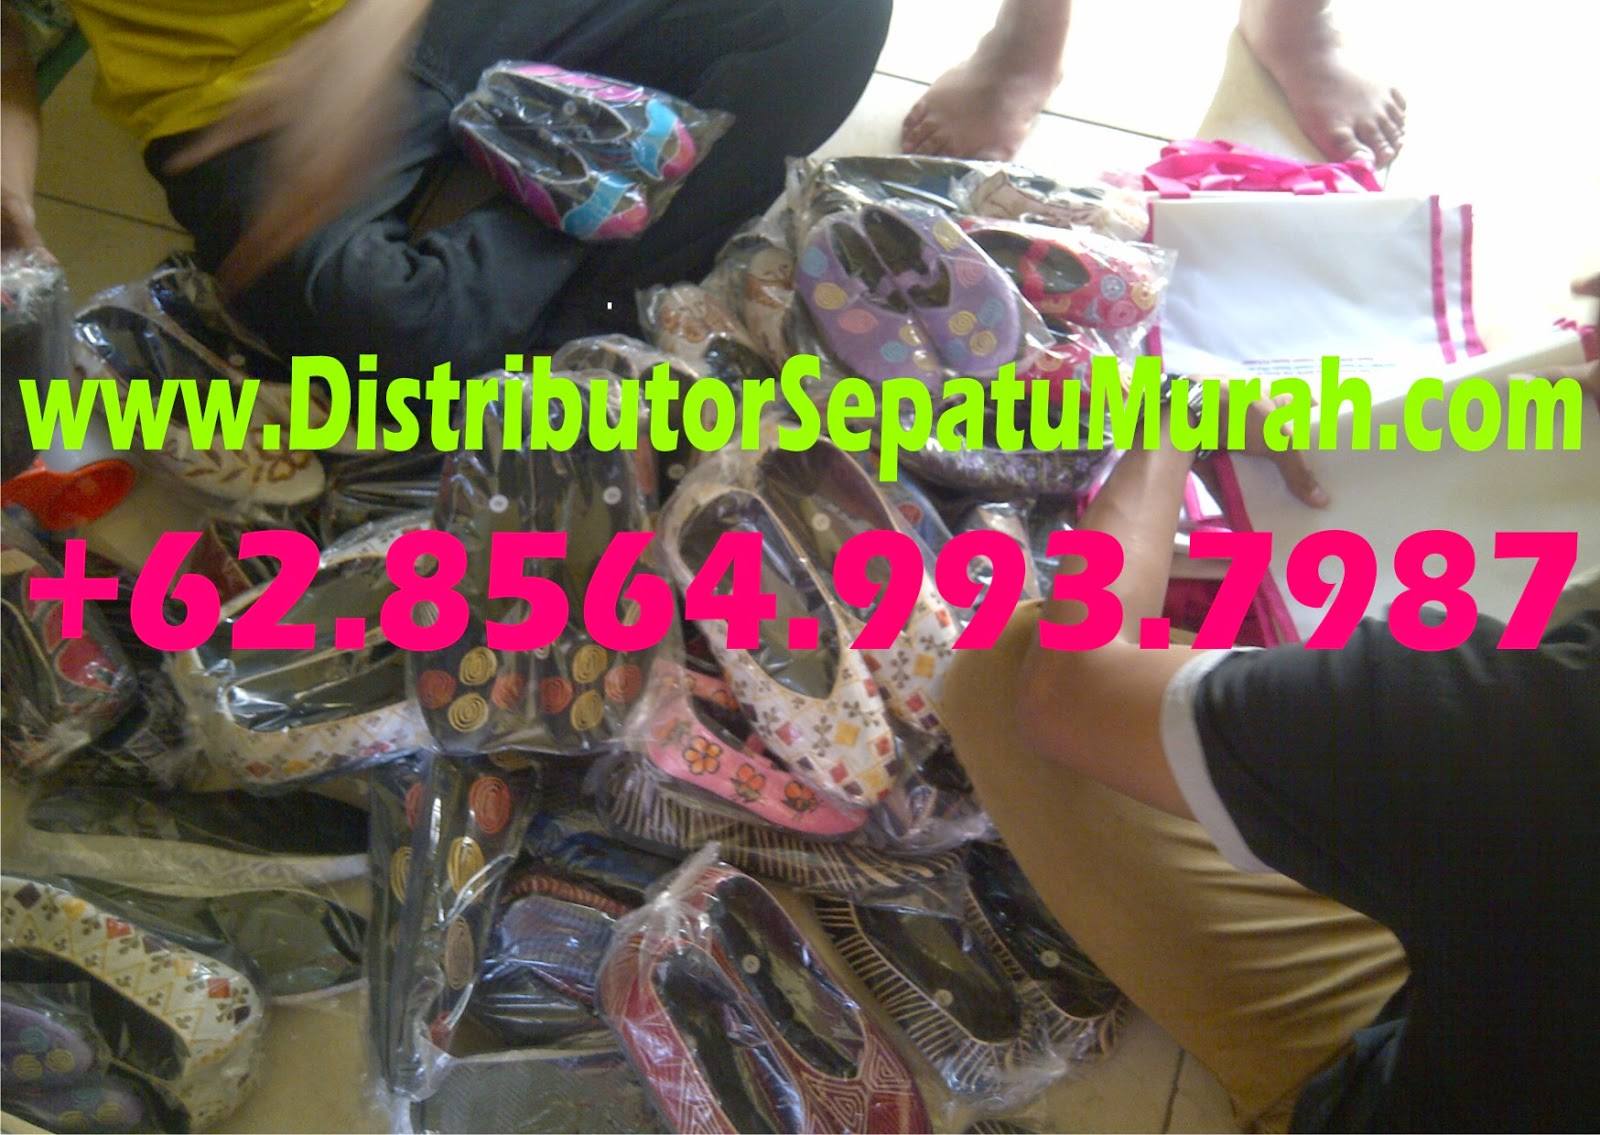 Kasut Wanita Saiz Besar, Pembekal Kasut Wanita, Jenama Kasut Wanita, www.distributorsepatumurah.com